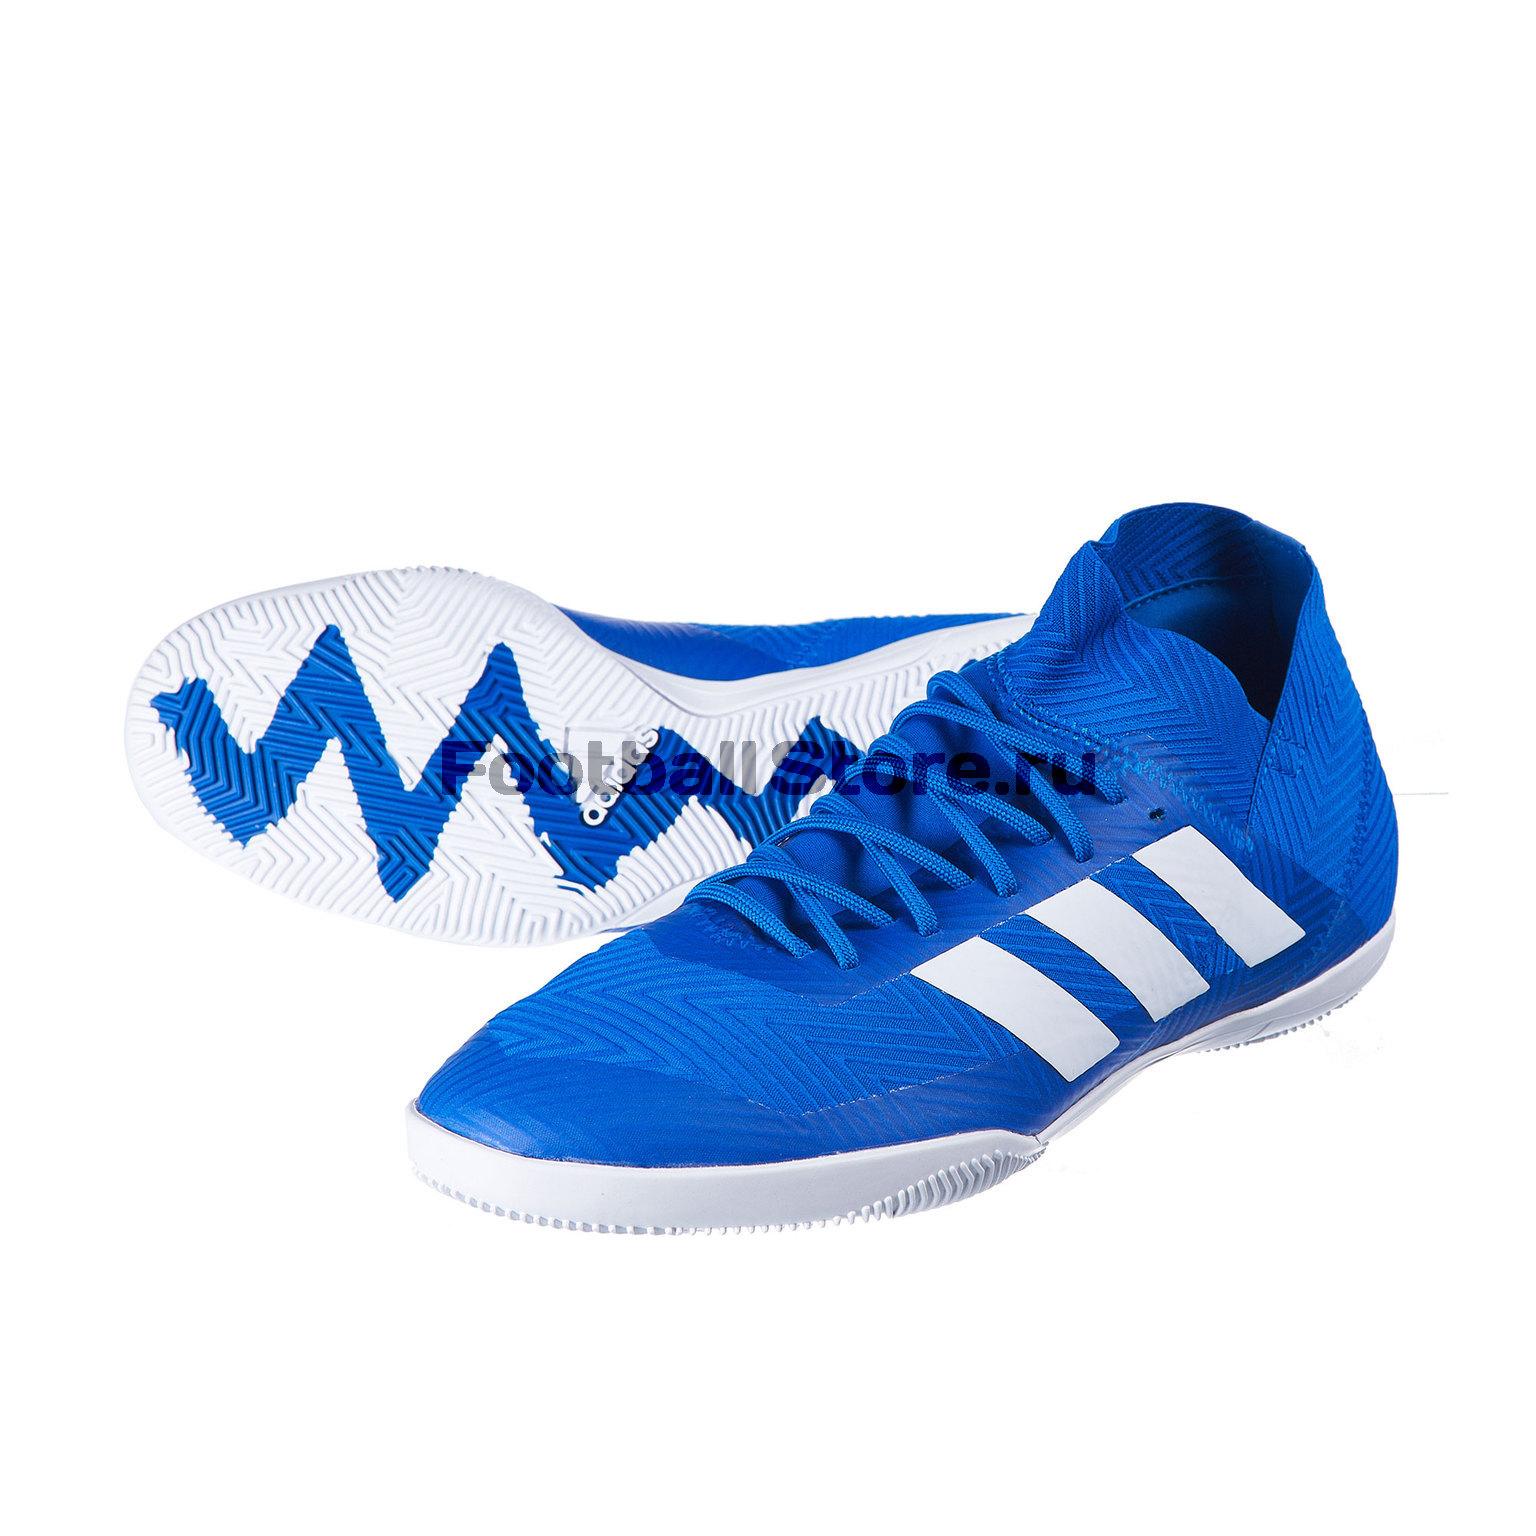 Обувь для зала Adidas Nemeziz Tango 18.3 IN DB2196 обувь для зала adidas ace tango 18 3 in jr cp9075